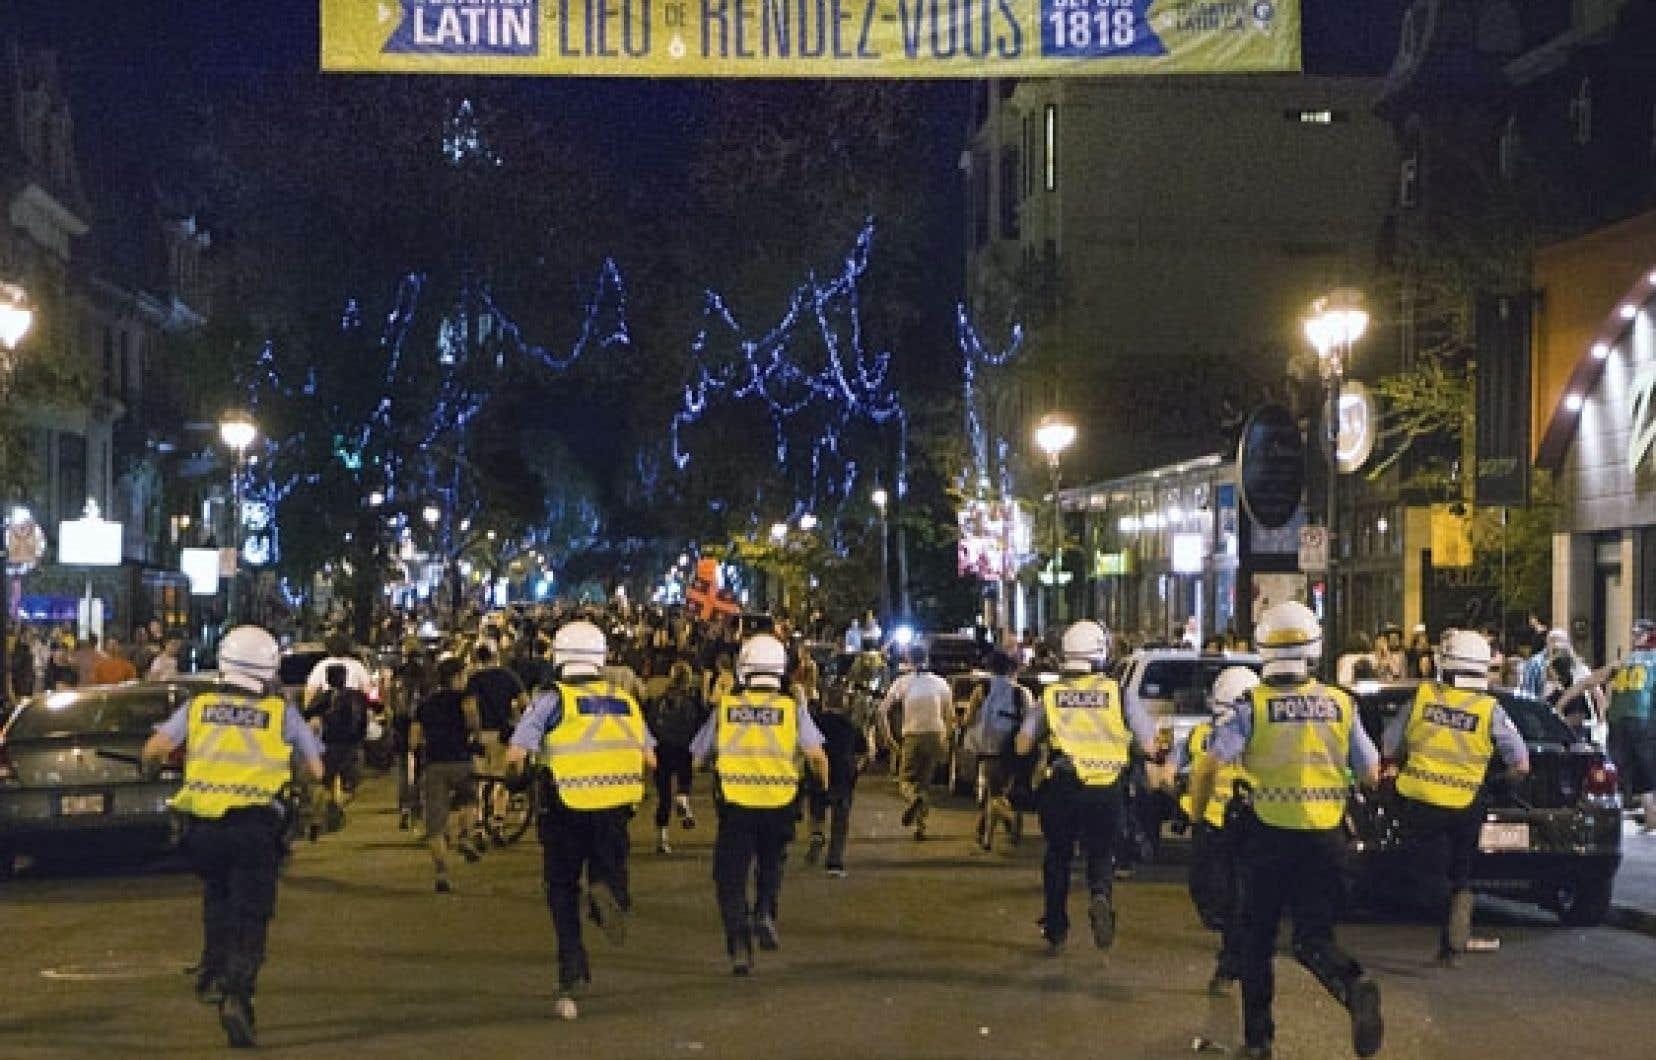 L'avocate Franccesca Cancino Ramos croit que les accusations portées contre les manifestants du printemps érable et les conditions de remise en liberté y étant rattachées ont été utilisées de manière dissuasive, pour notamment mettre fin aux manifestations nocturnes.